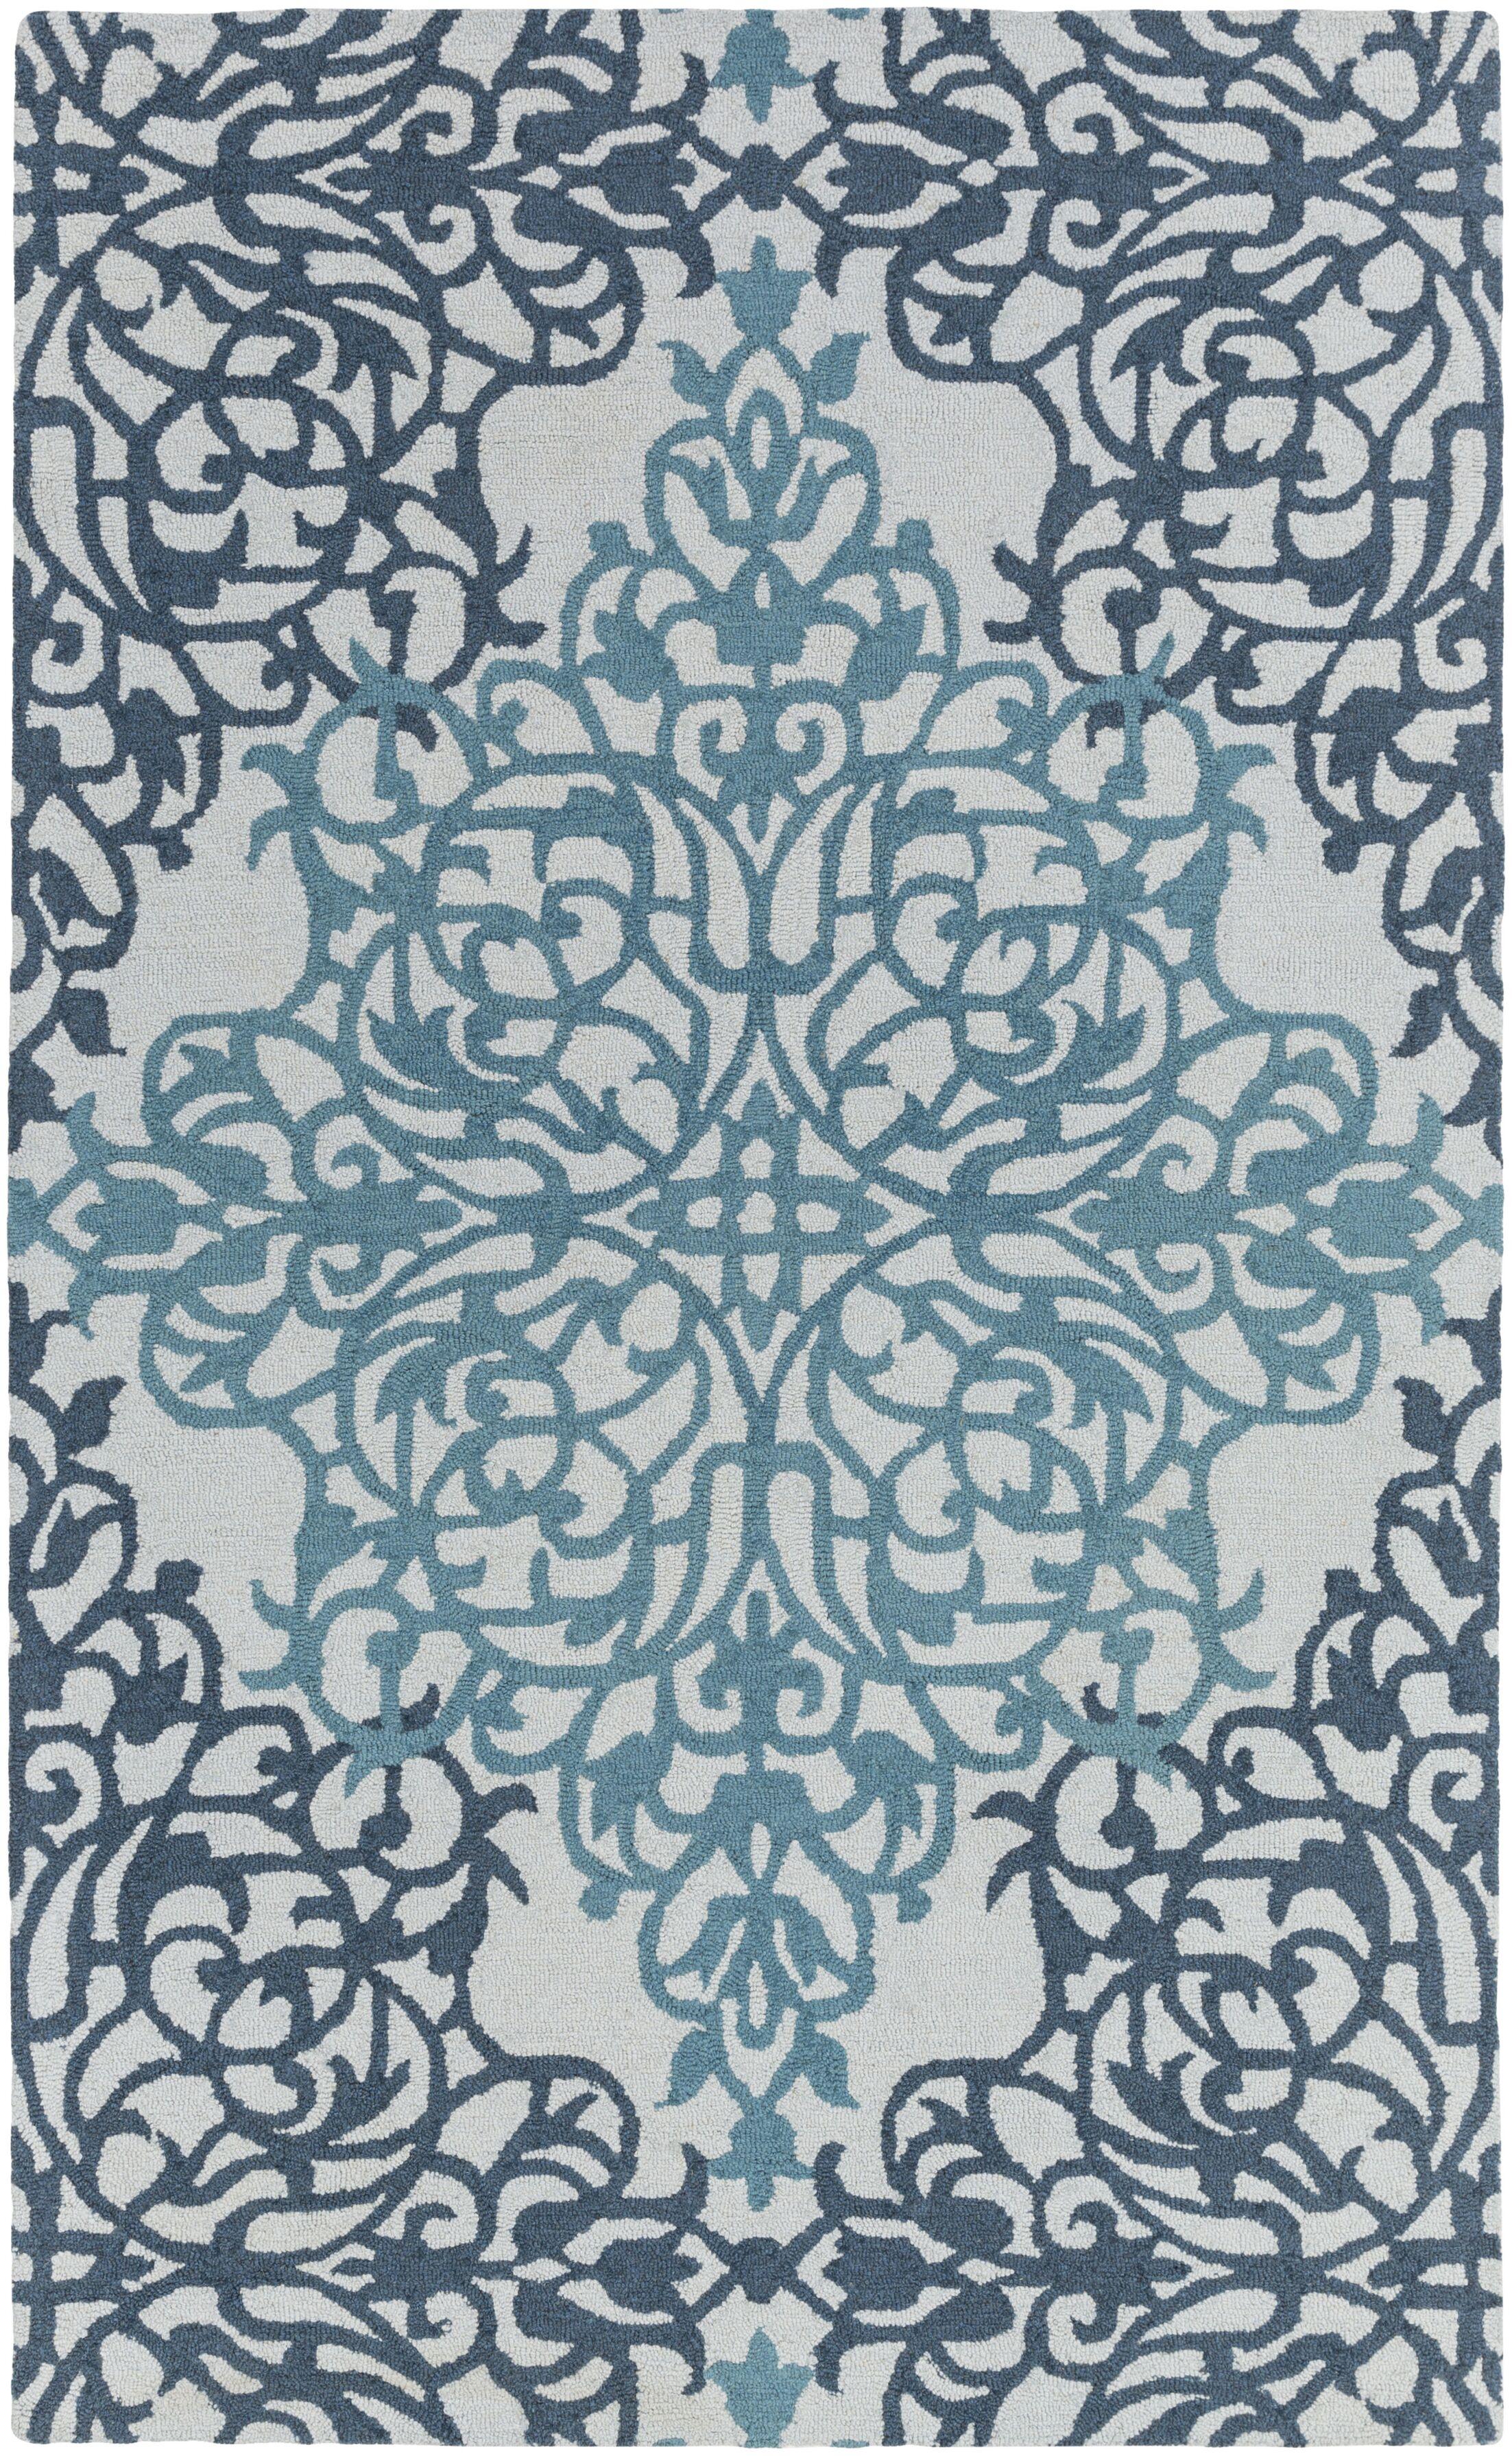 Kerner Hand-Tufted Teal/Light Blue Area Rug Rug Size: Rectangle 9' x 13'